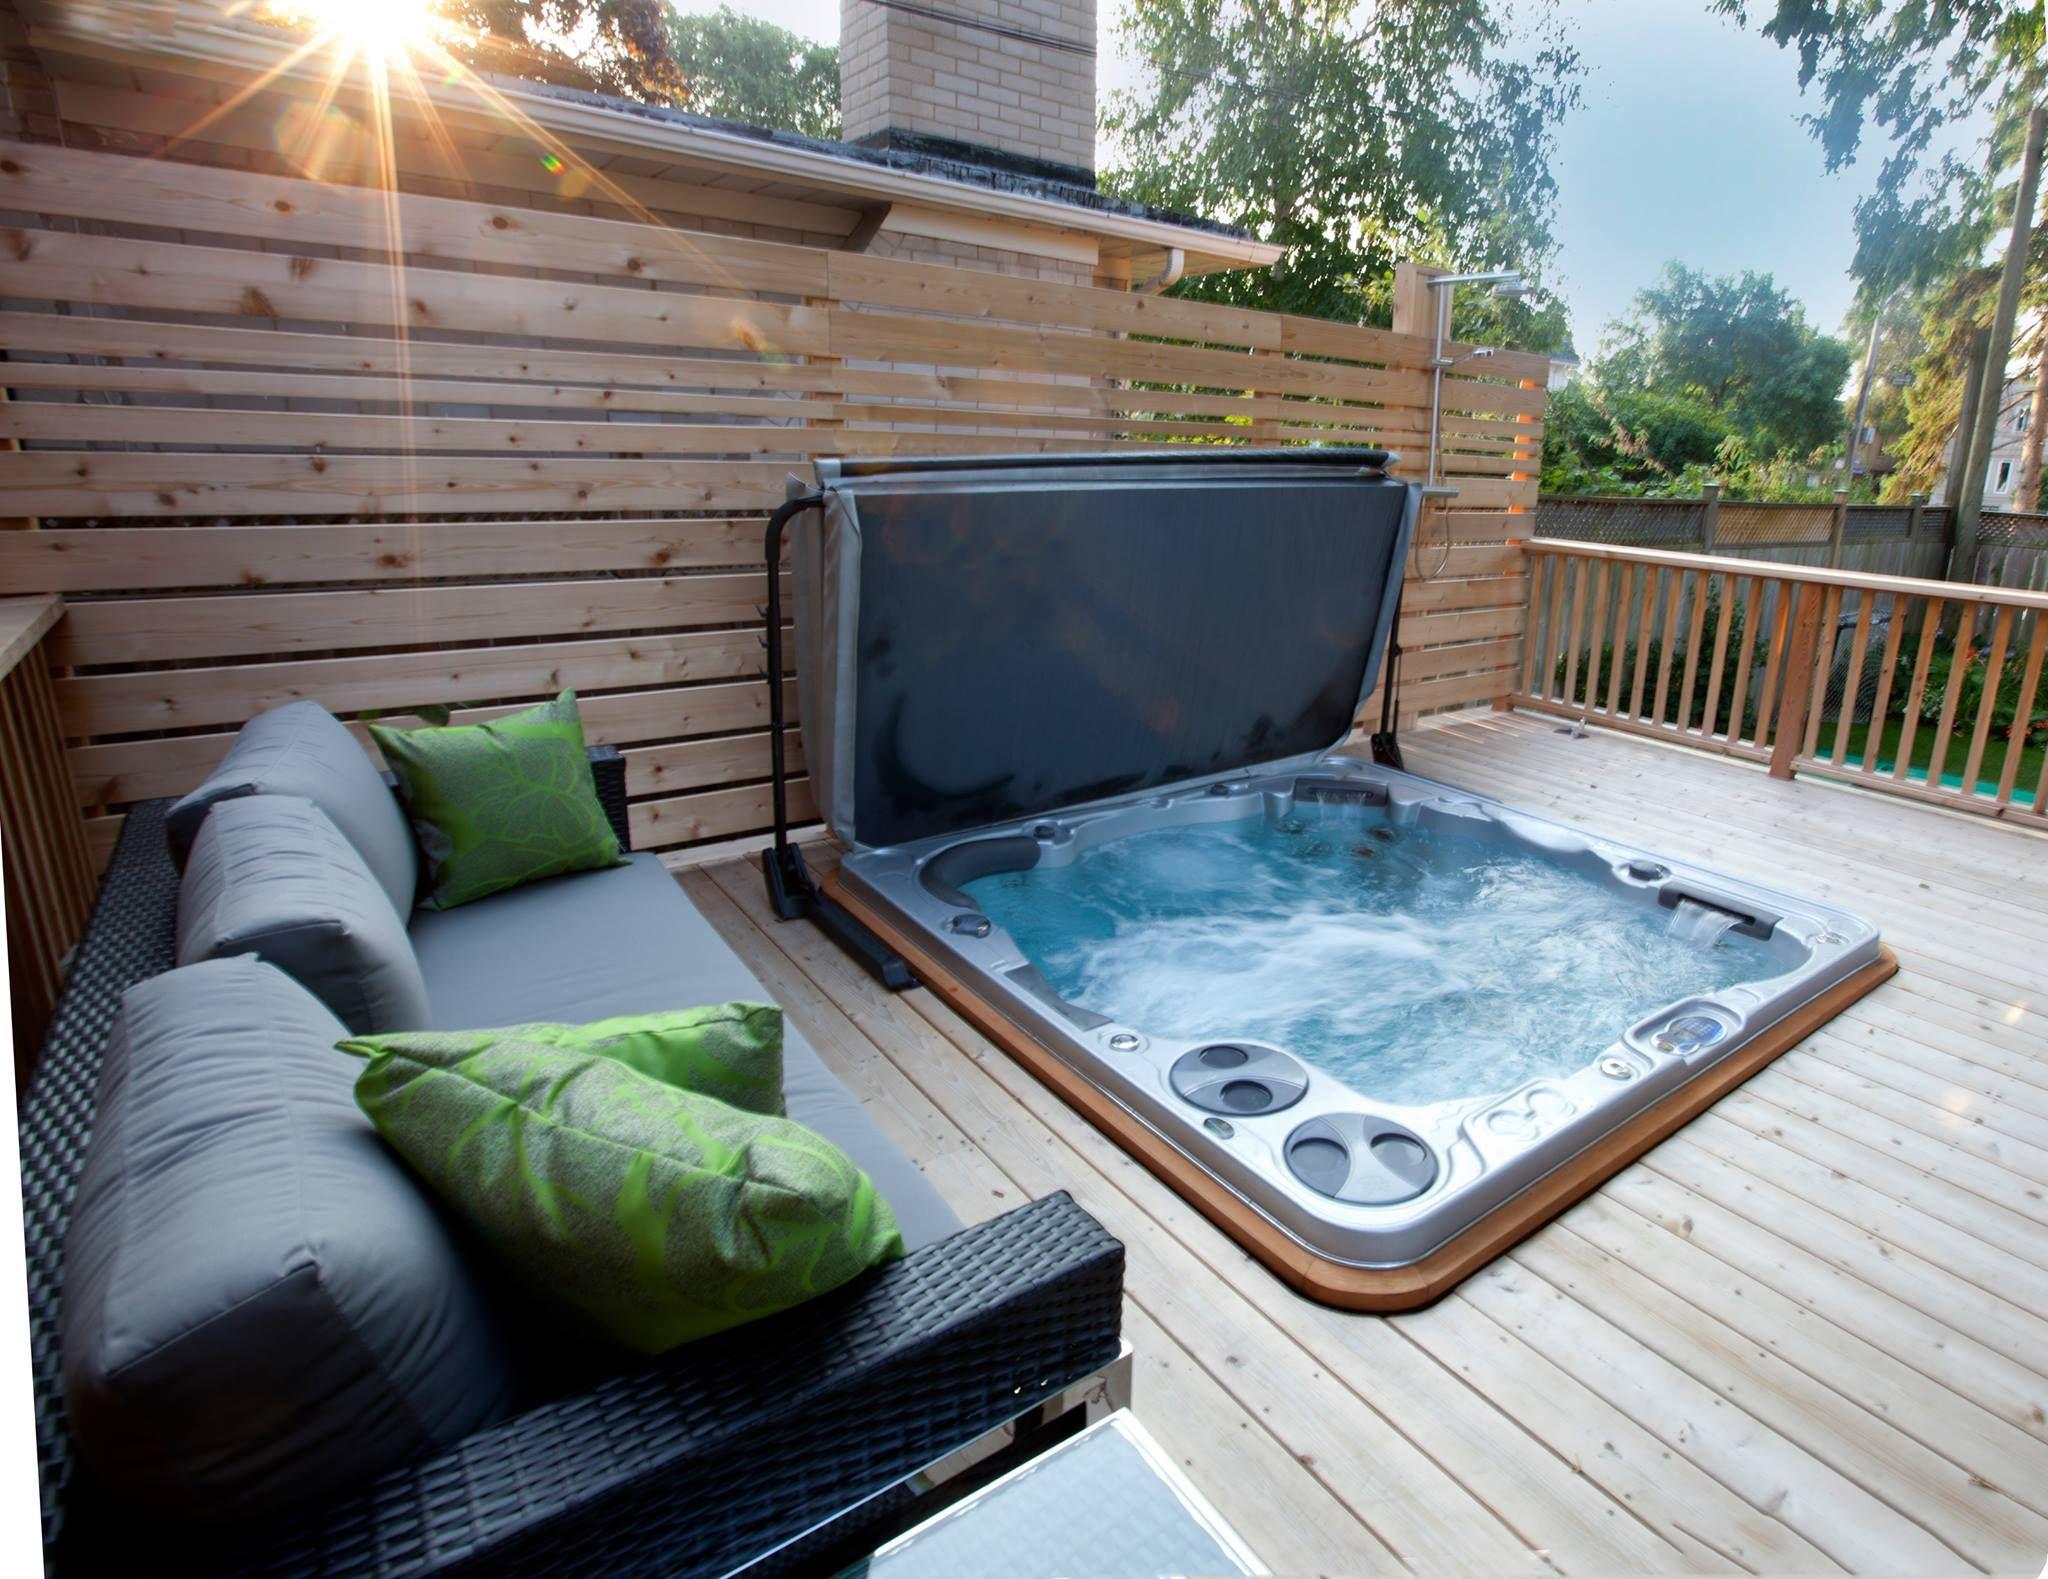 25 best ideas about spa en bois on pinterest spa bois jacuzzi bois and sp - Jacuzzi bois exterieur ...